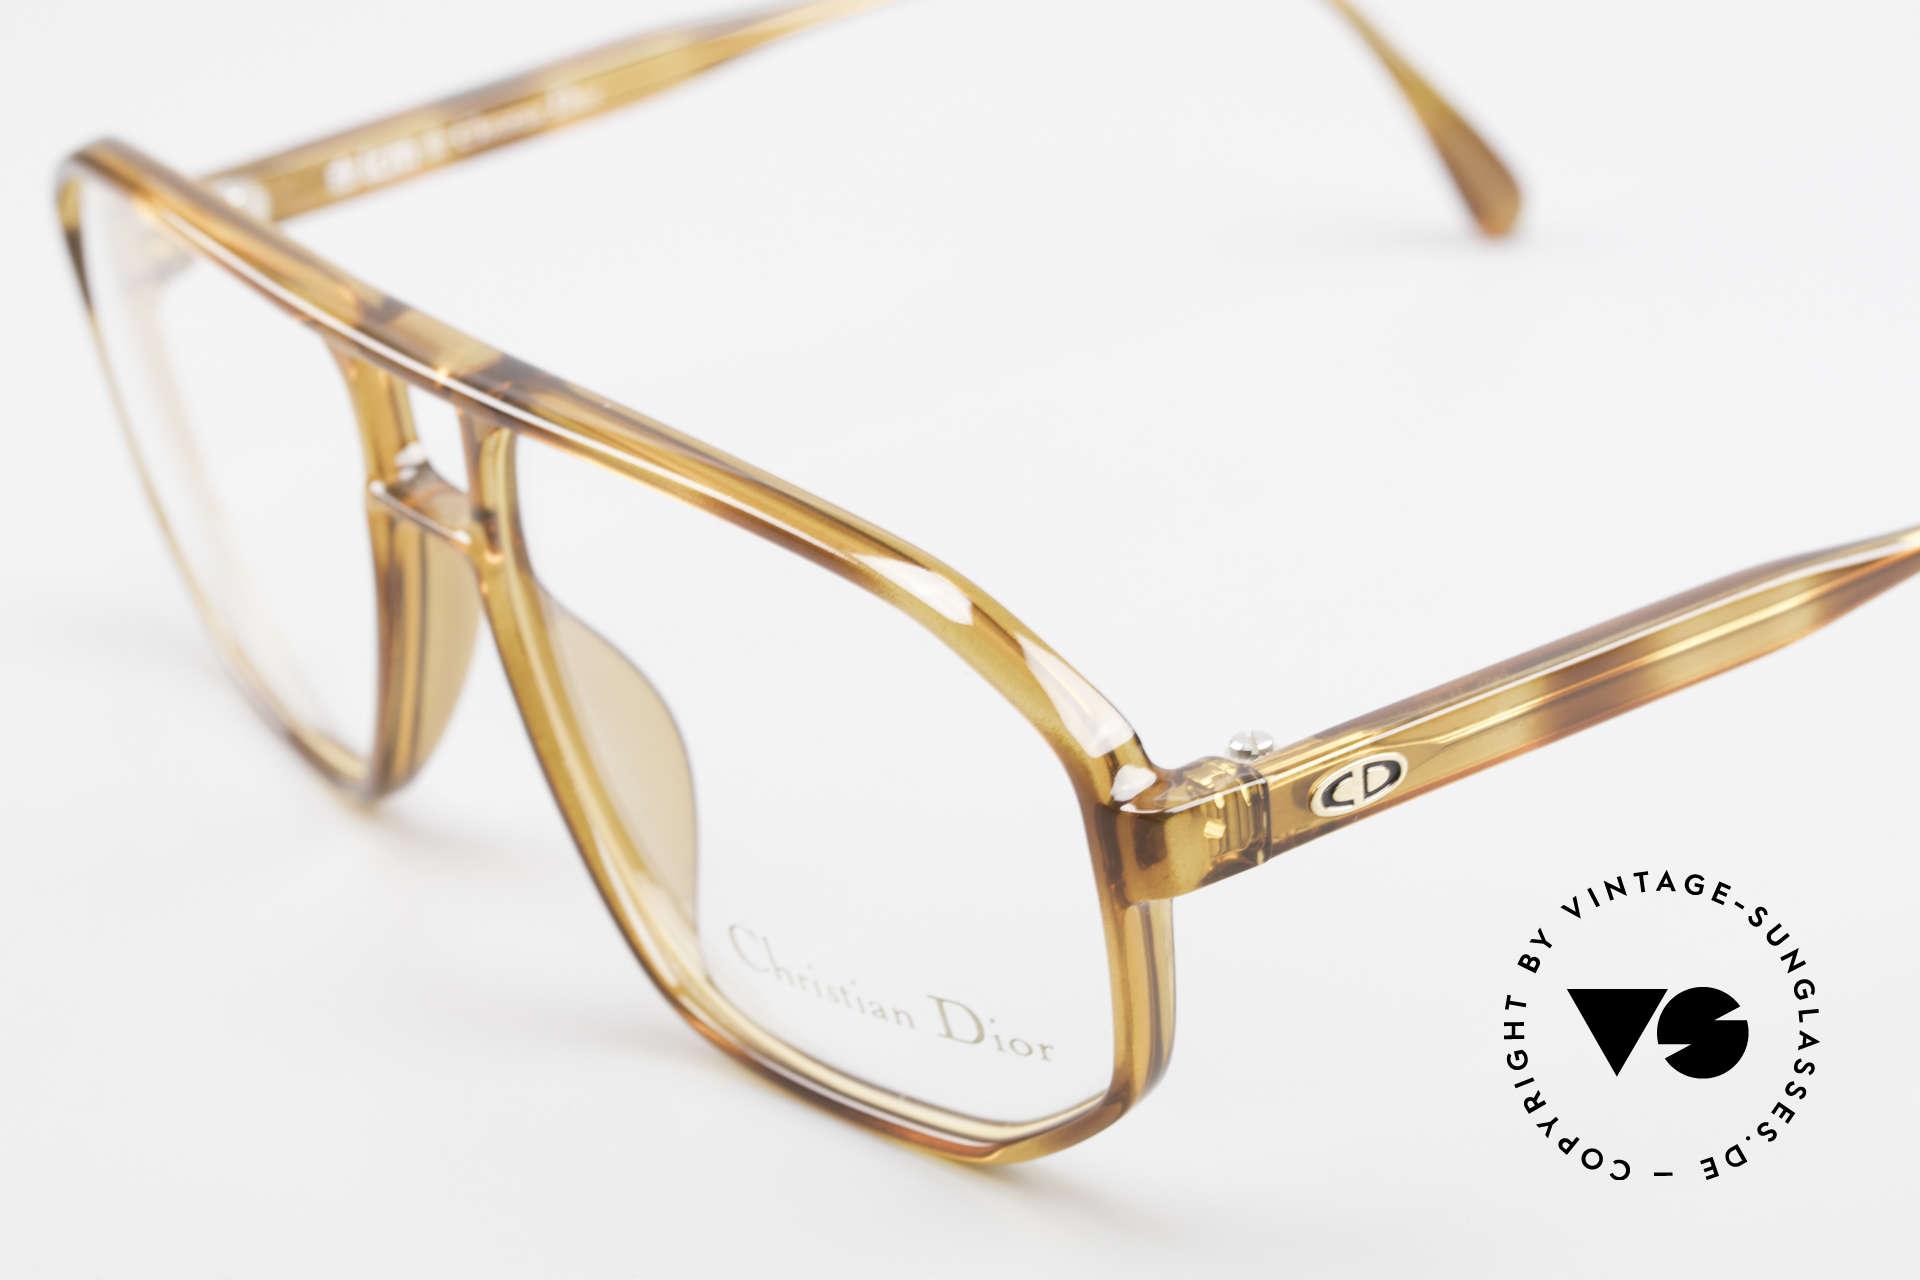 Christian Dior 2485 90er Vintage Herrenbrille, ungetragen (wie alle unsere vintage DIOR Brillen), Passend für Herren